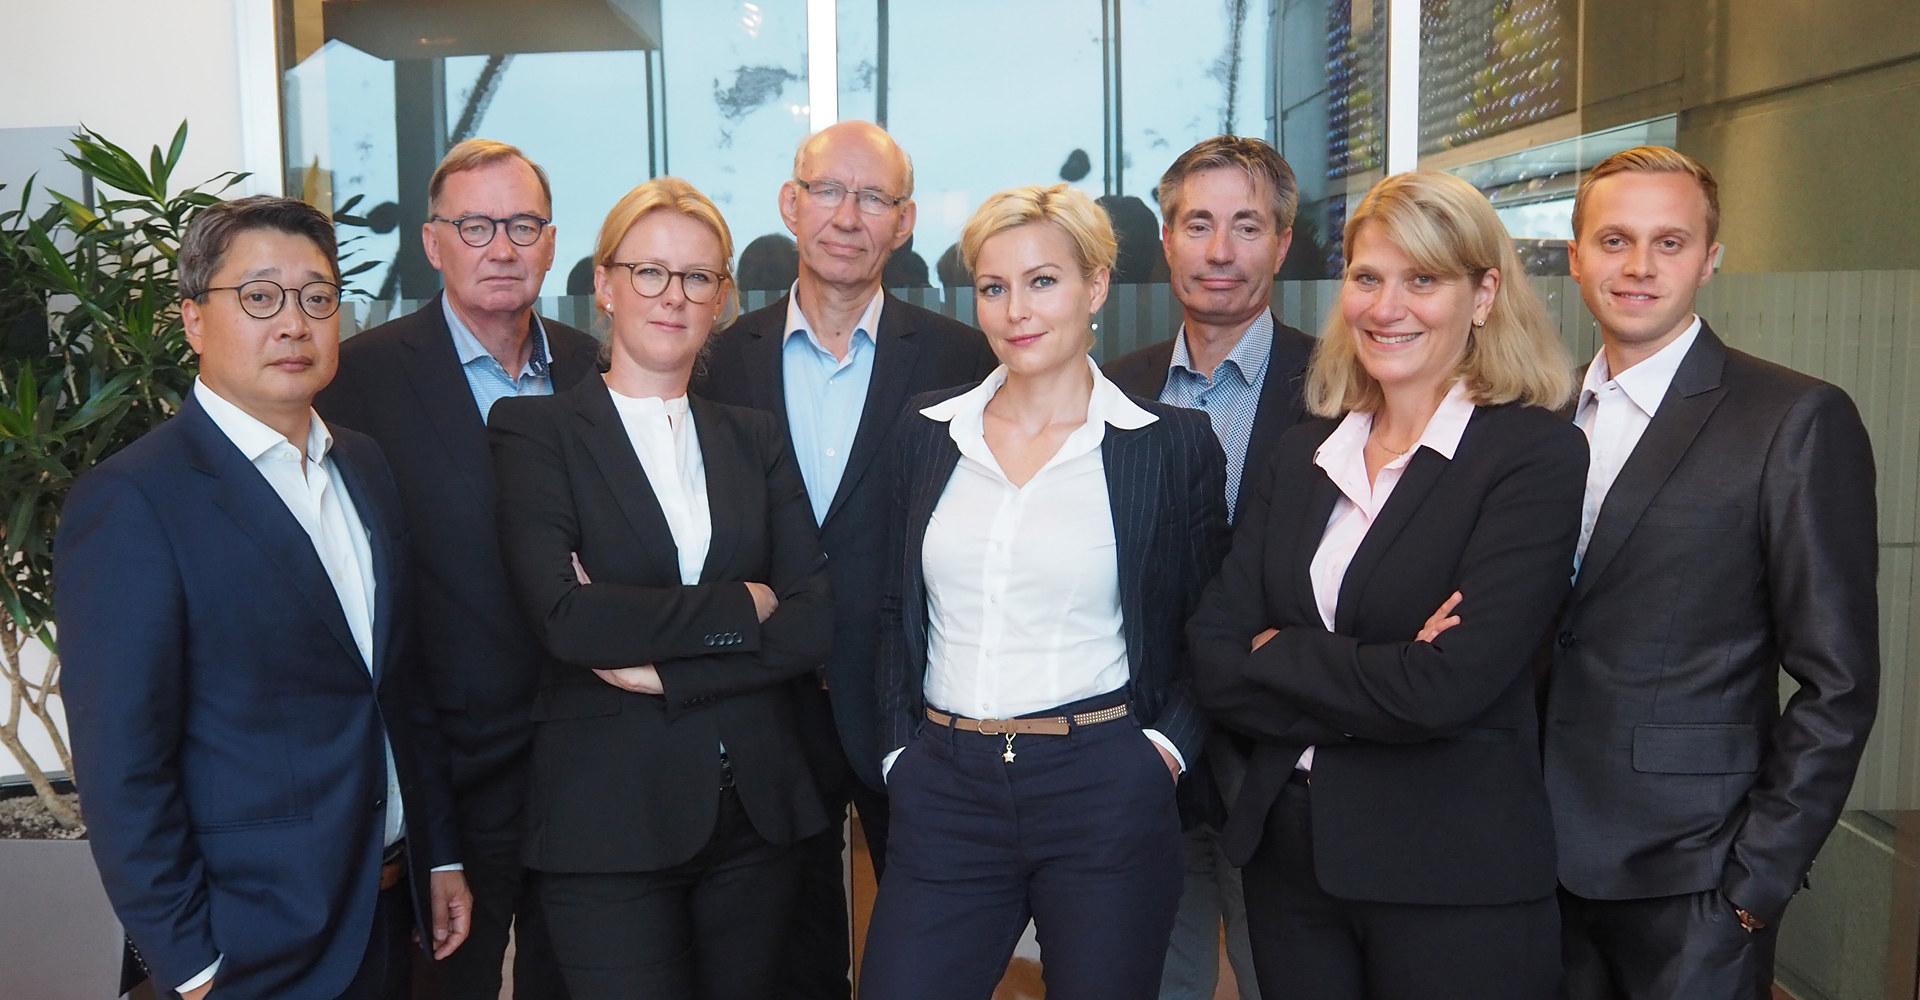 Ansatte i Norsk Industris juridiske avdeling.